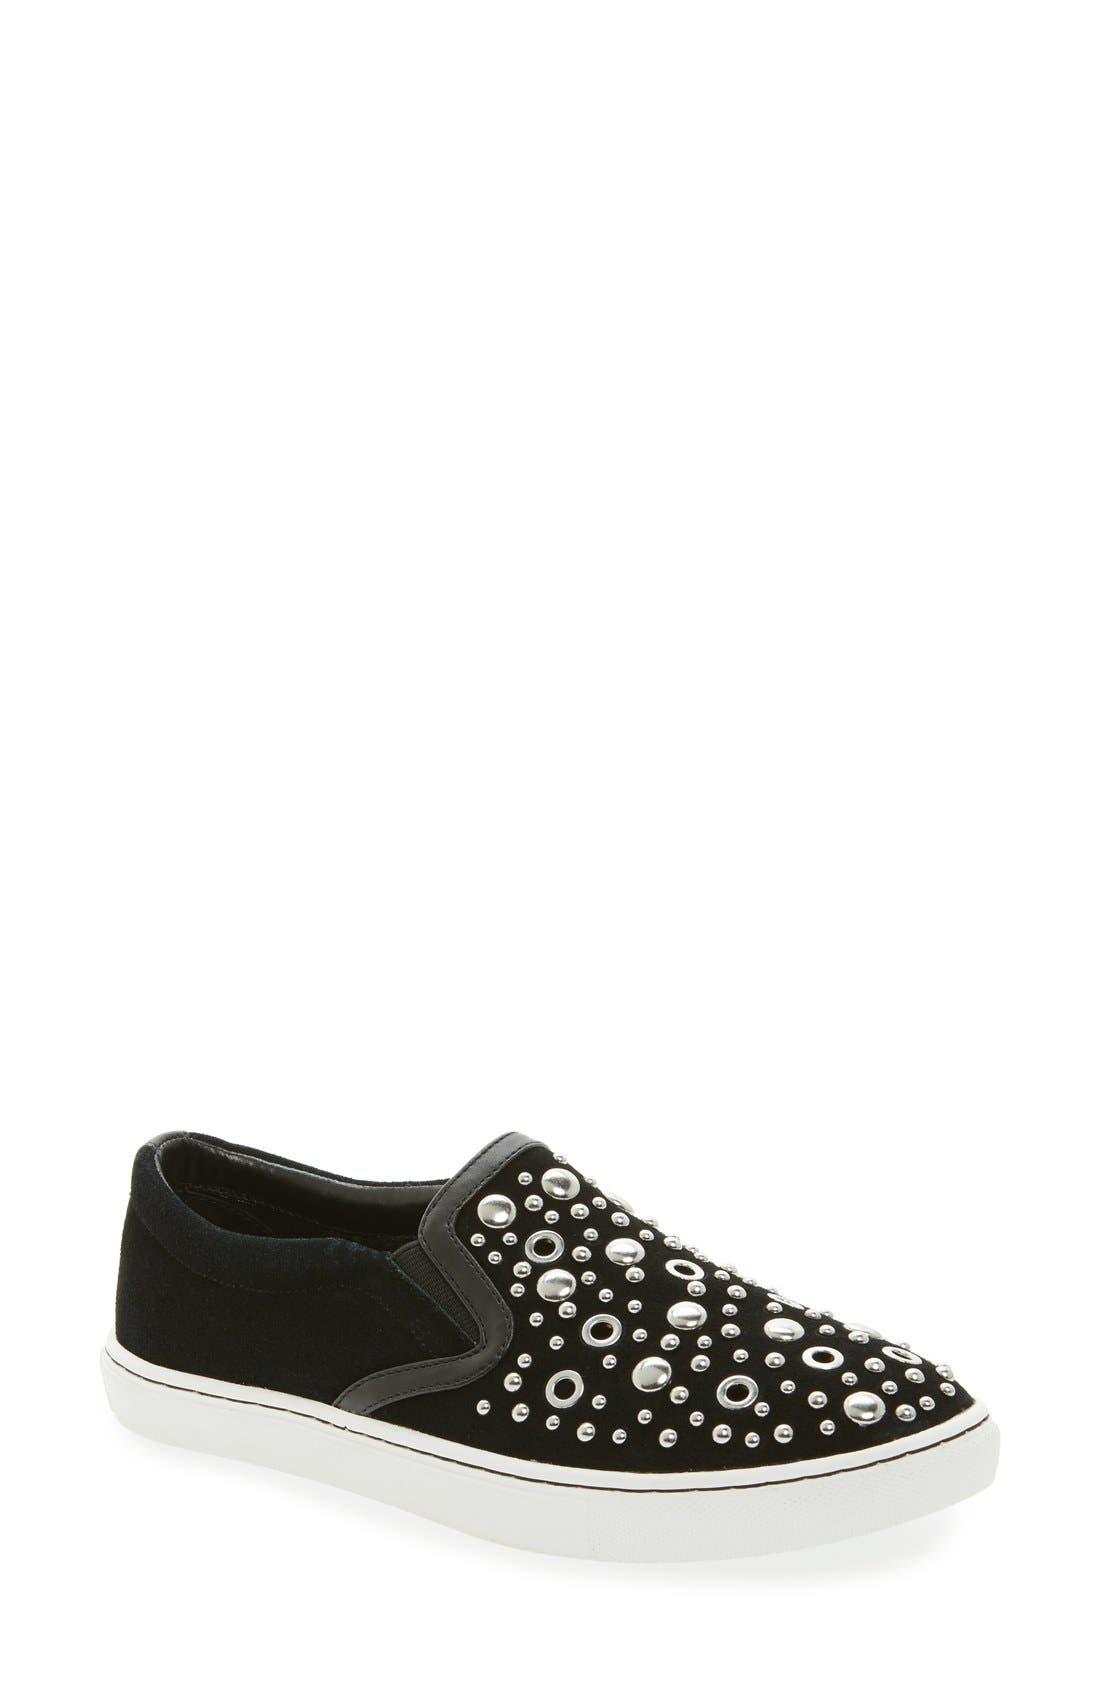 Paven Embellished Slip-On Sneaker,                         Main,                         color, Black